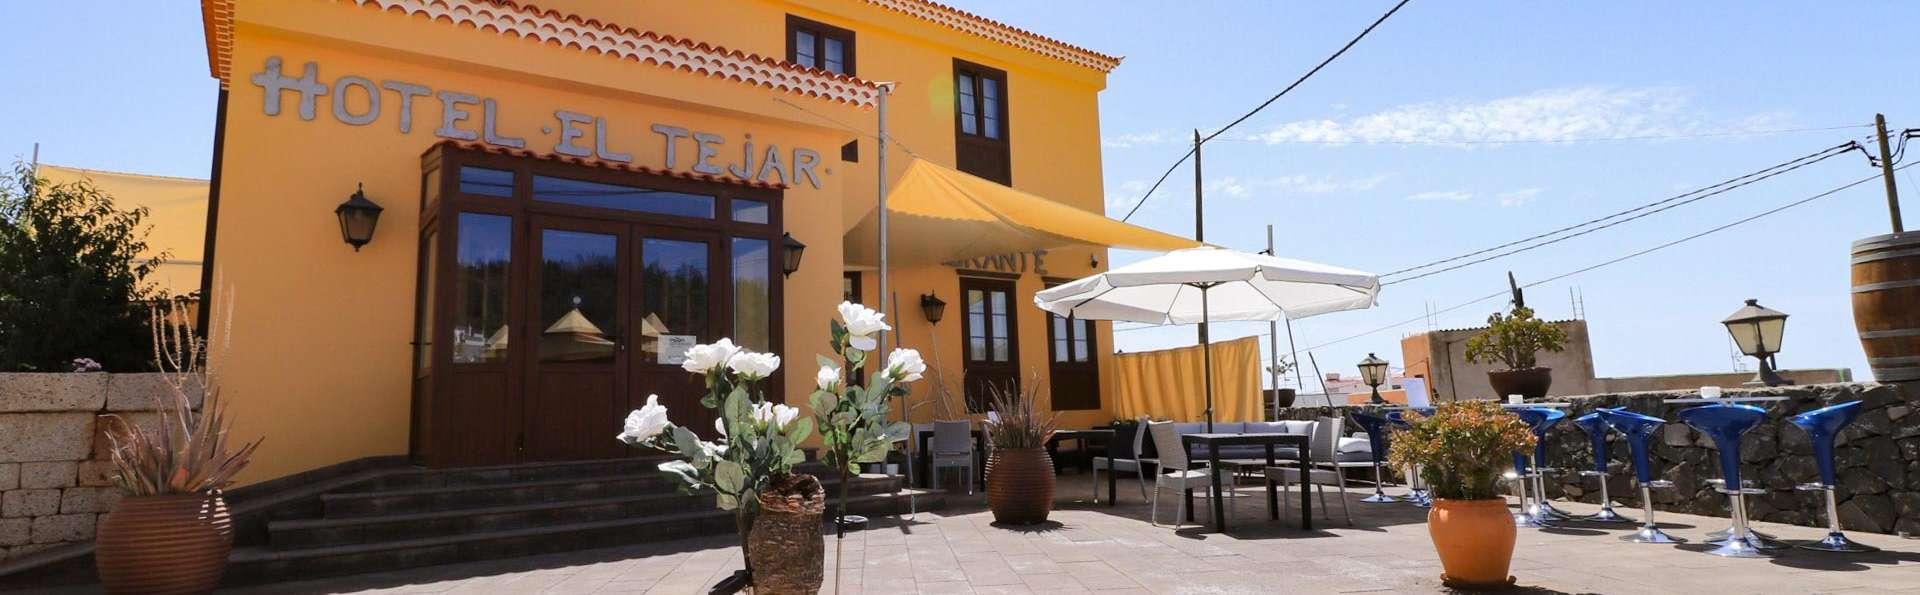 El Tejar Hotel & SPA - EDIT_FRONT_01.jpg